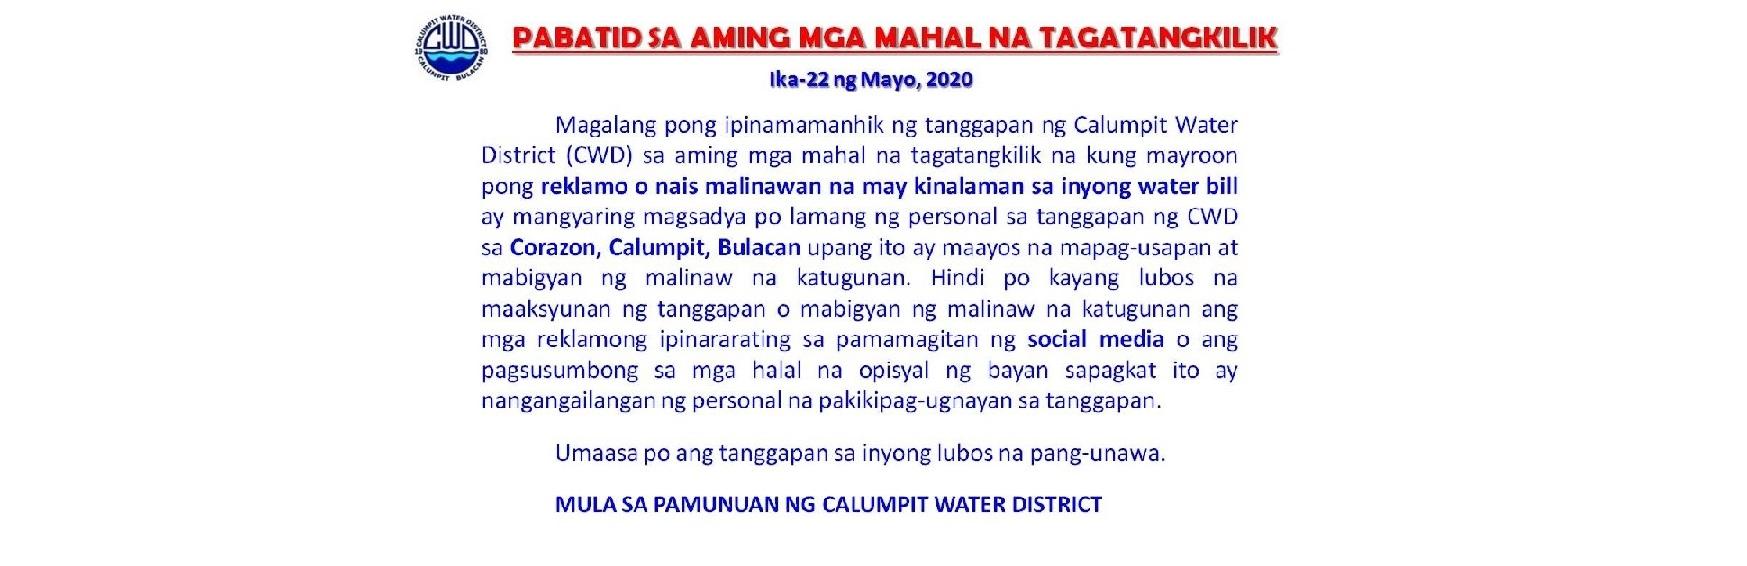 Pabatid Sa Aming Mga Mahal Na Tagatangkilik 05-22-20a for banner